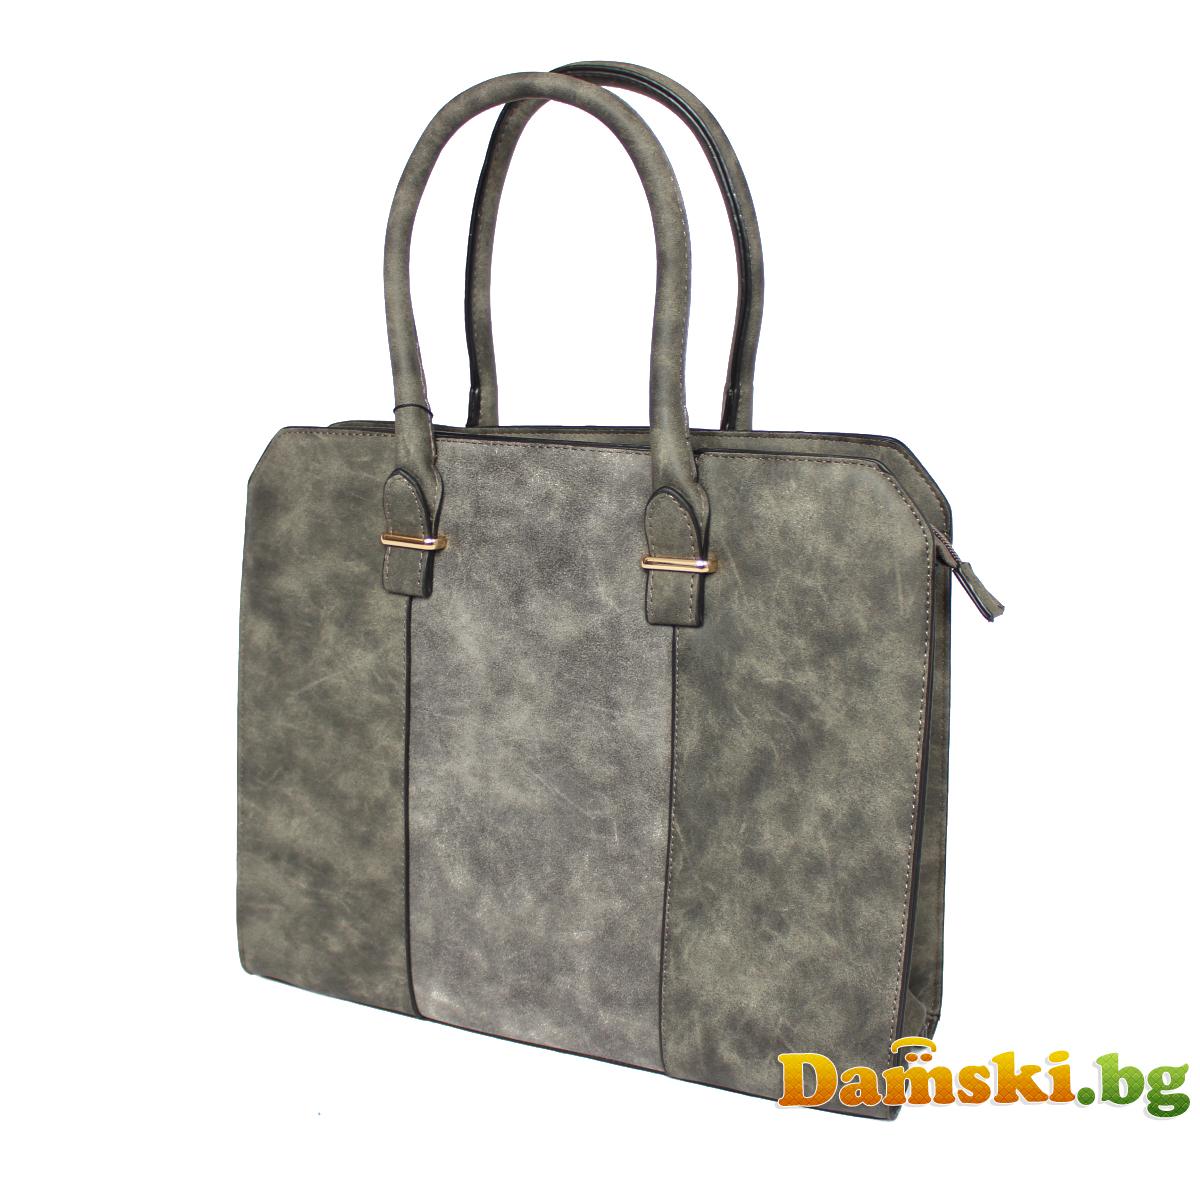 Елегантна дамска чанта - Мими Снимка 2 от 3